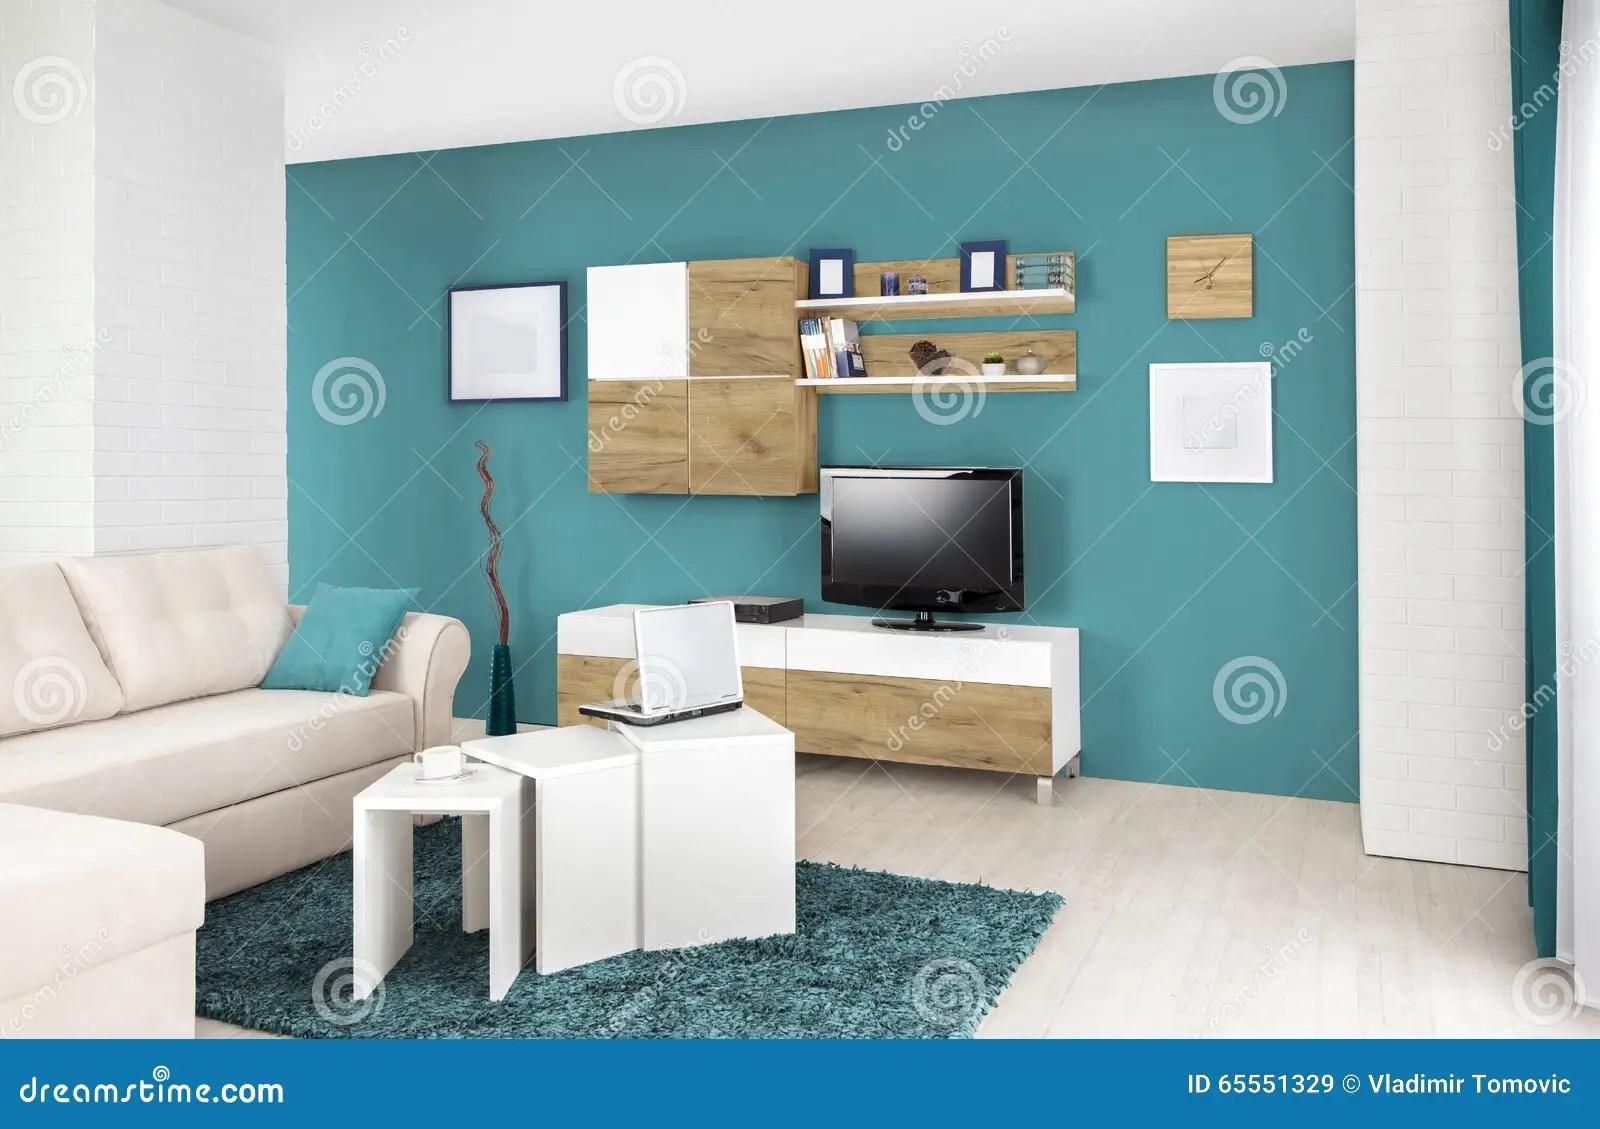 Woonkamer lichte kleur woonhuis zuiderpark maison belle